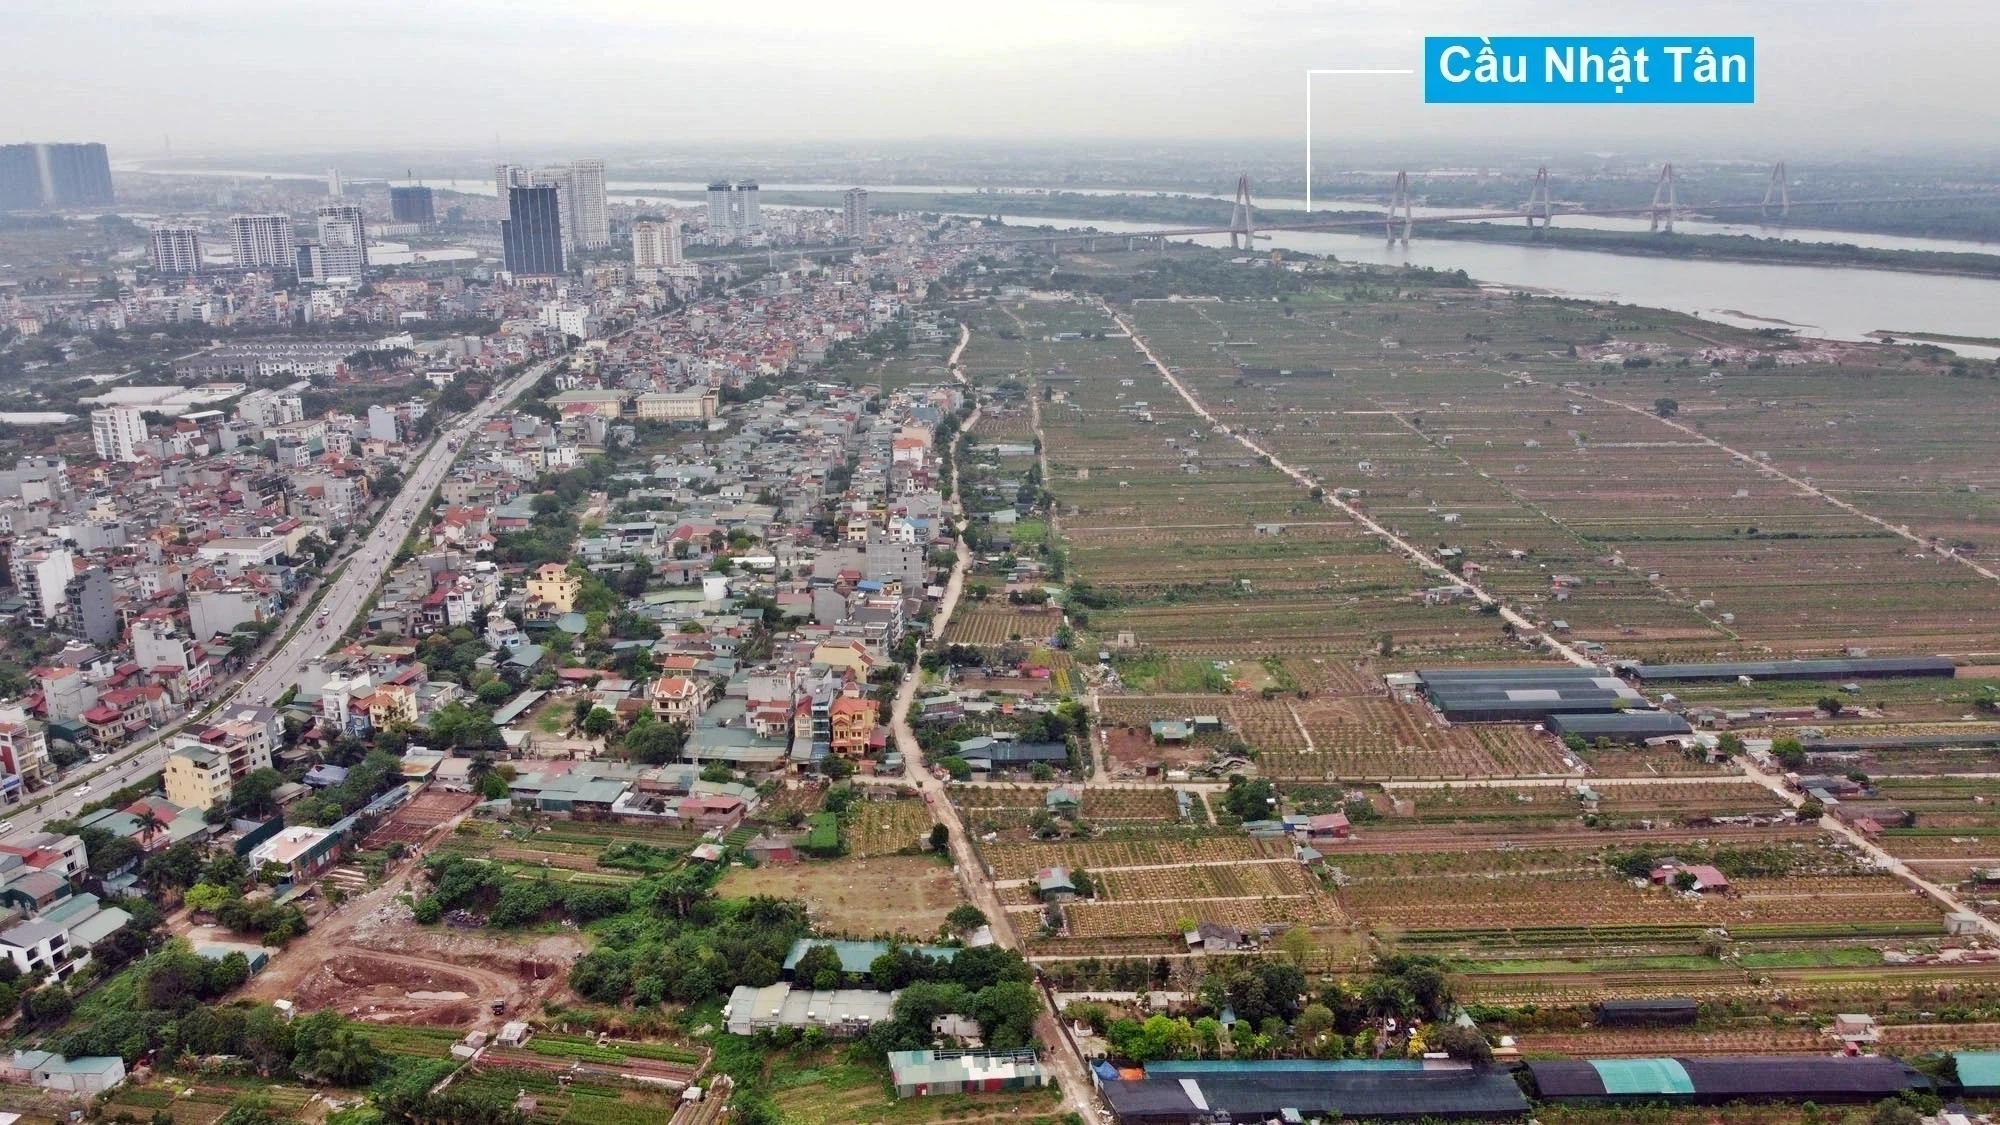 Toàn cảnh hiện trạng Phân khu đô thị sông Hồng trên địa bàn quận Tây Hồ - Ảnh 18.